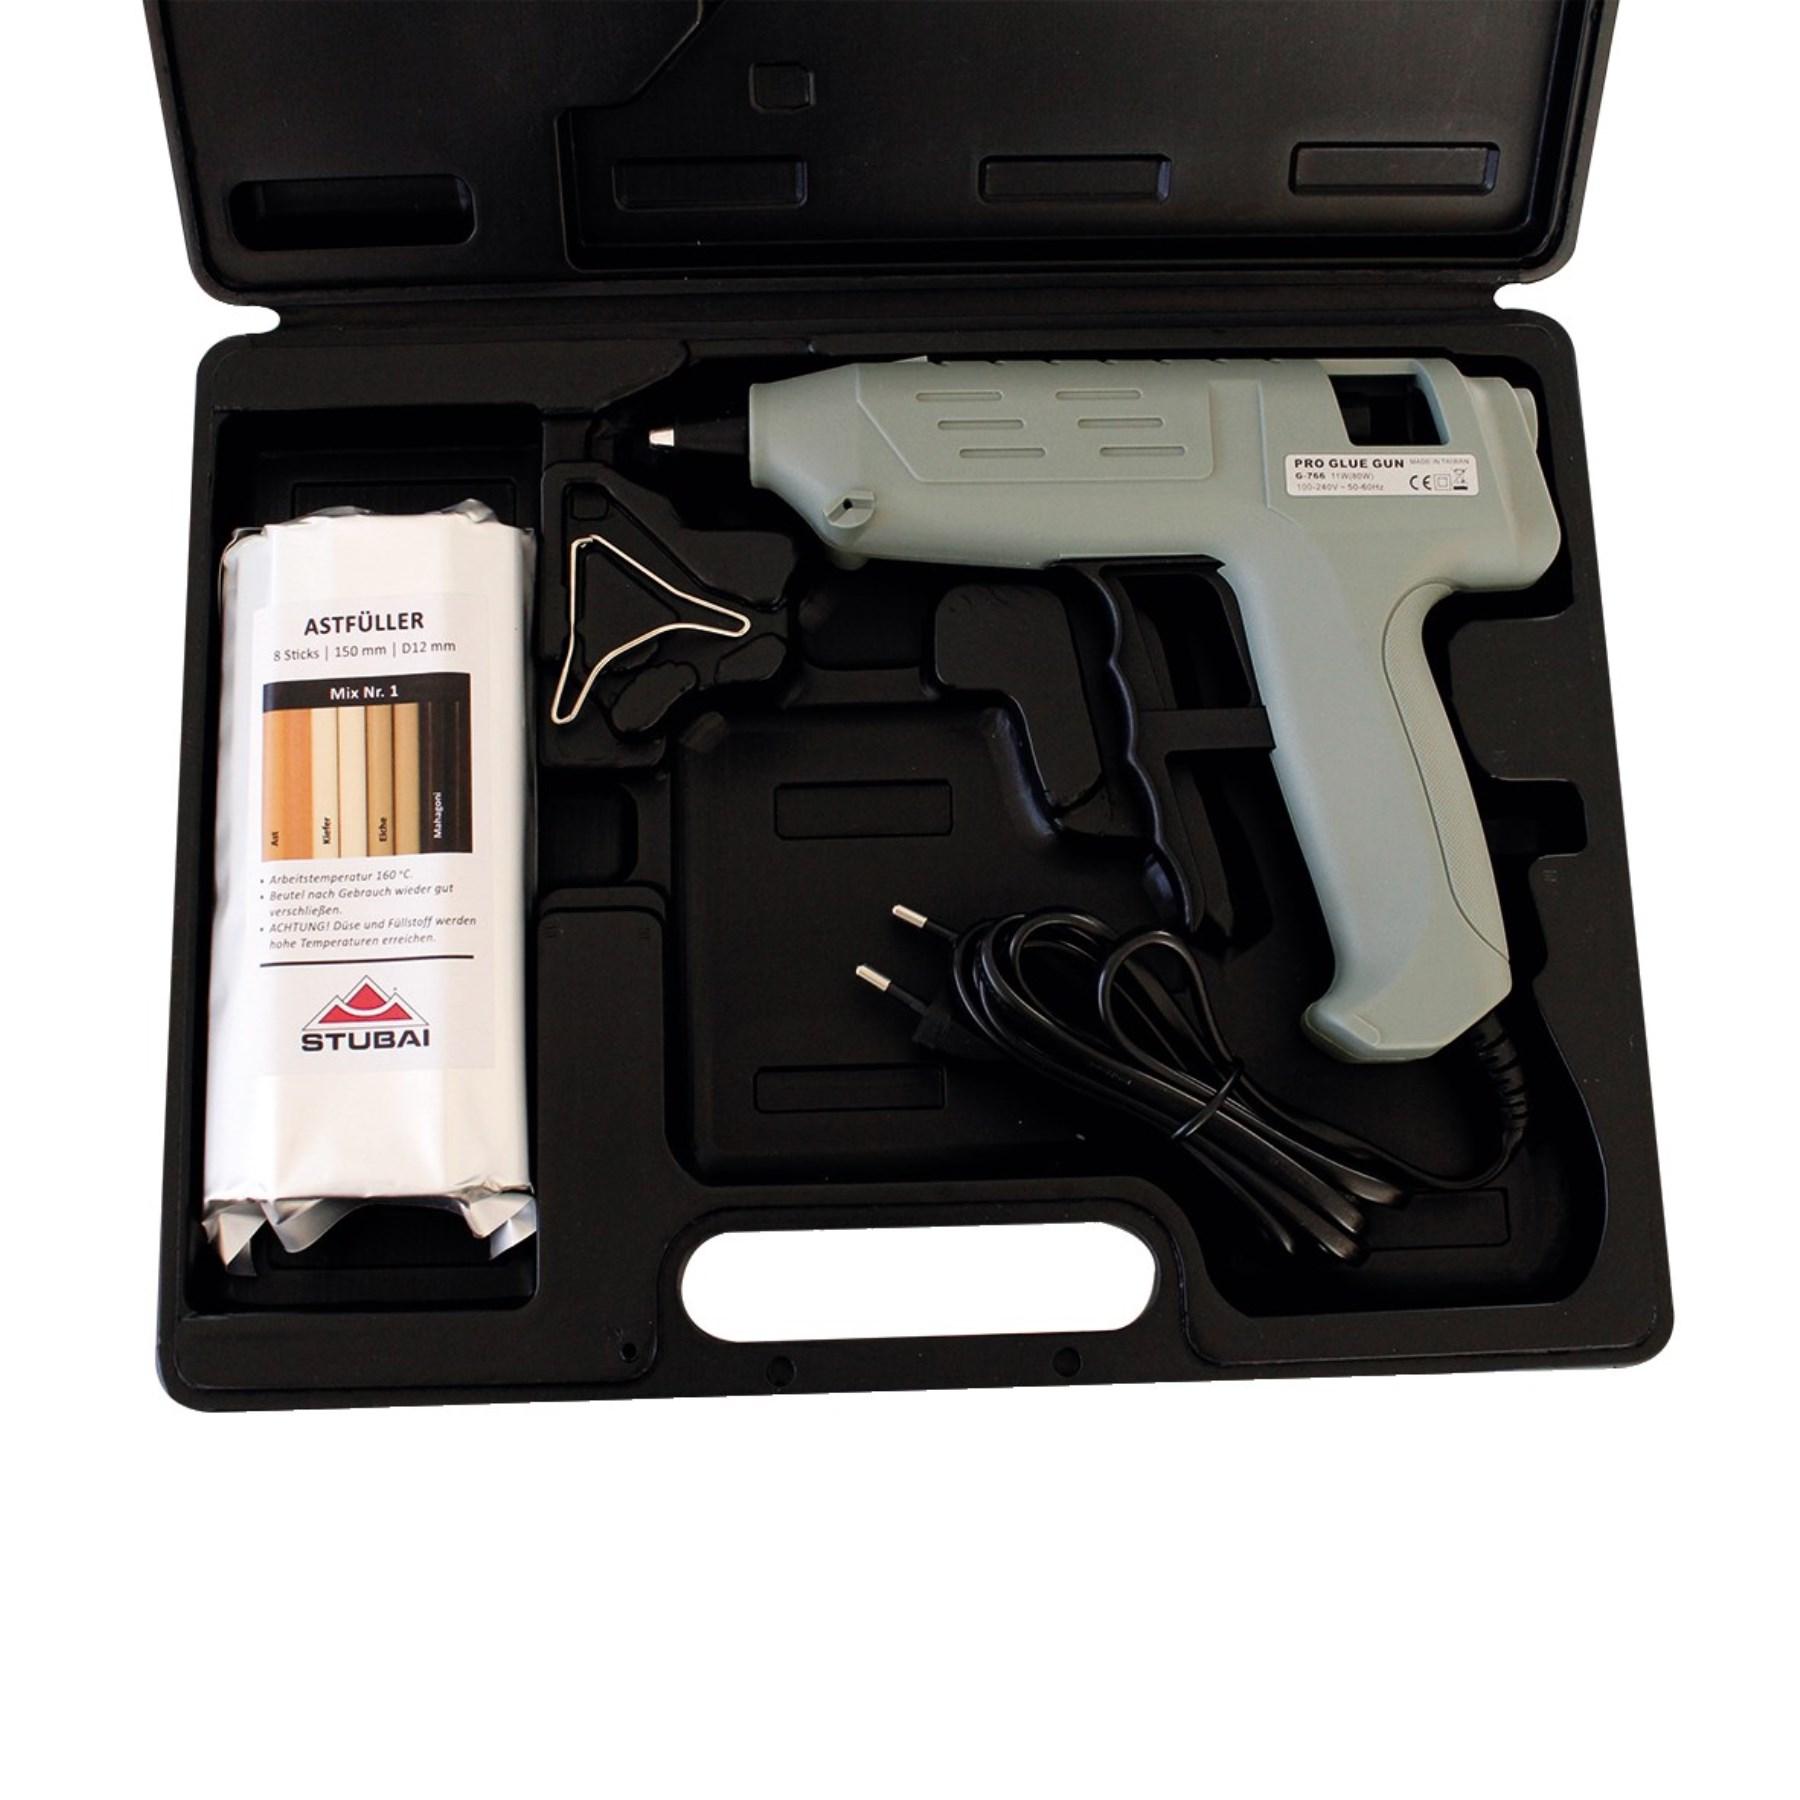 Stubai 252100 set tavná pistole pro dřevo 9 dílna v kufru